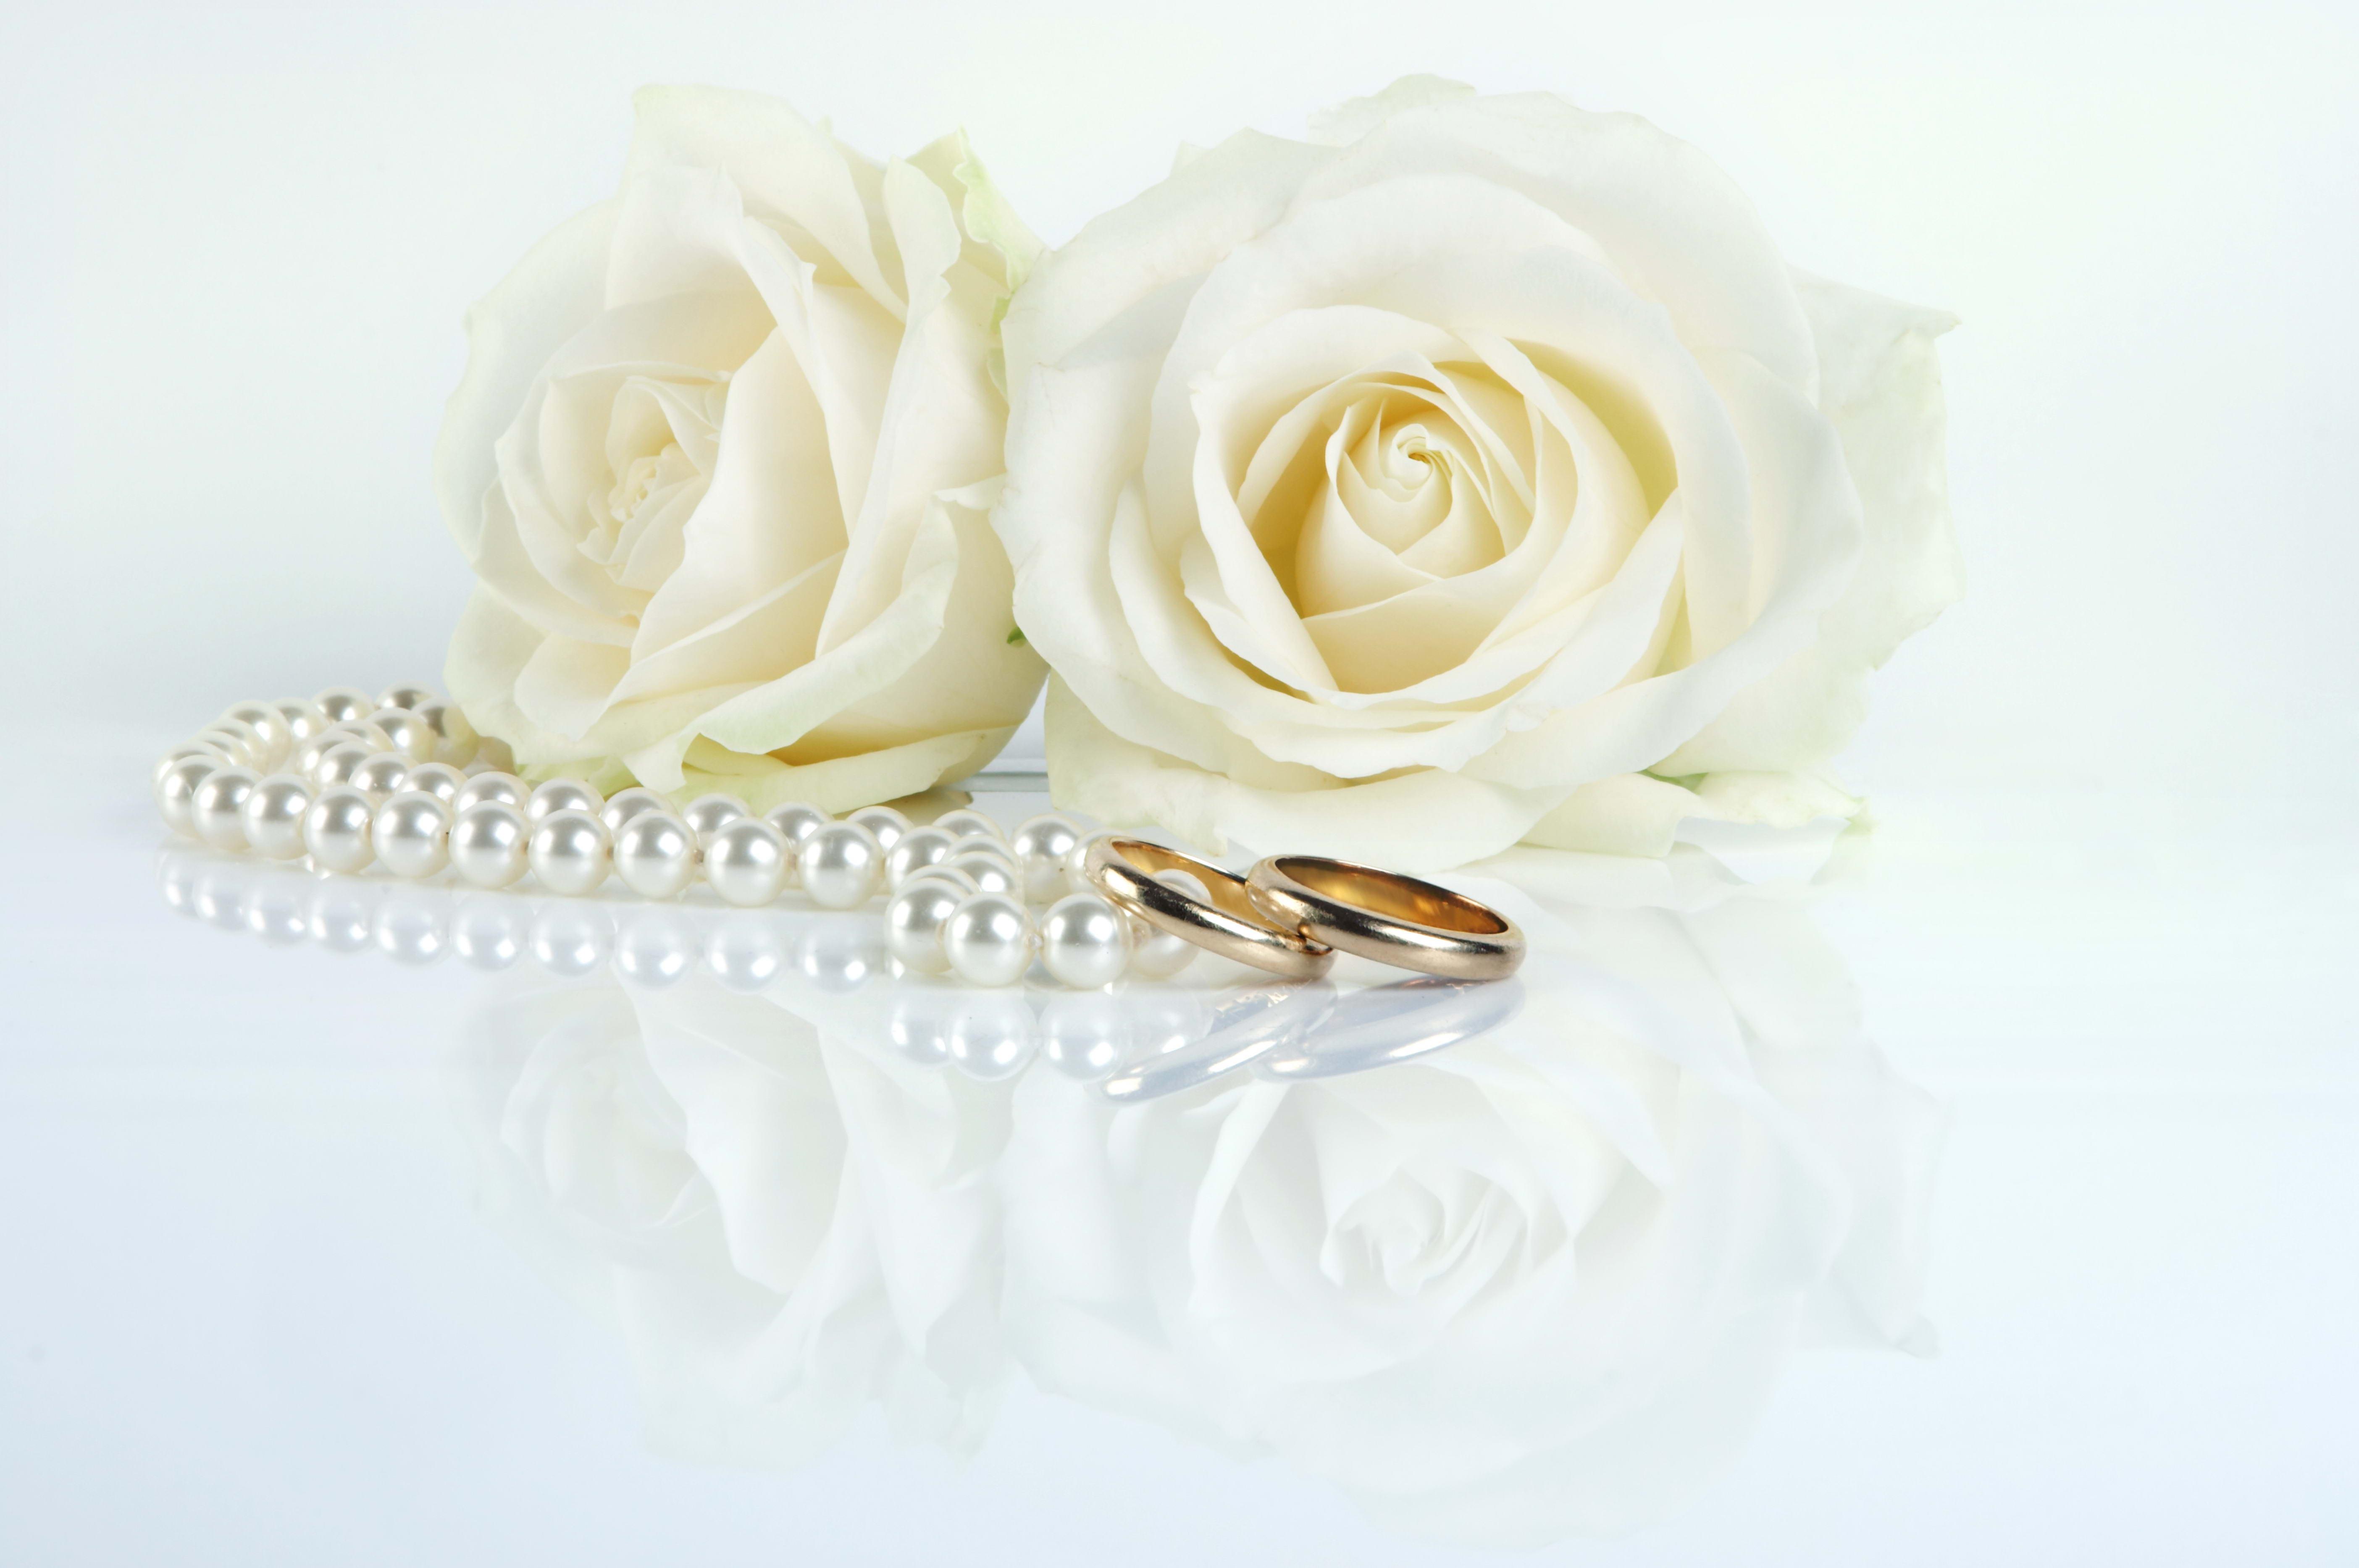 Открытки к свадьбе высокого разрешения, открытки зайцем